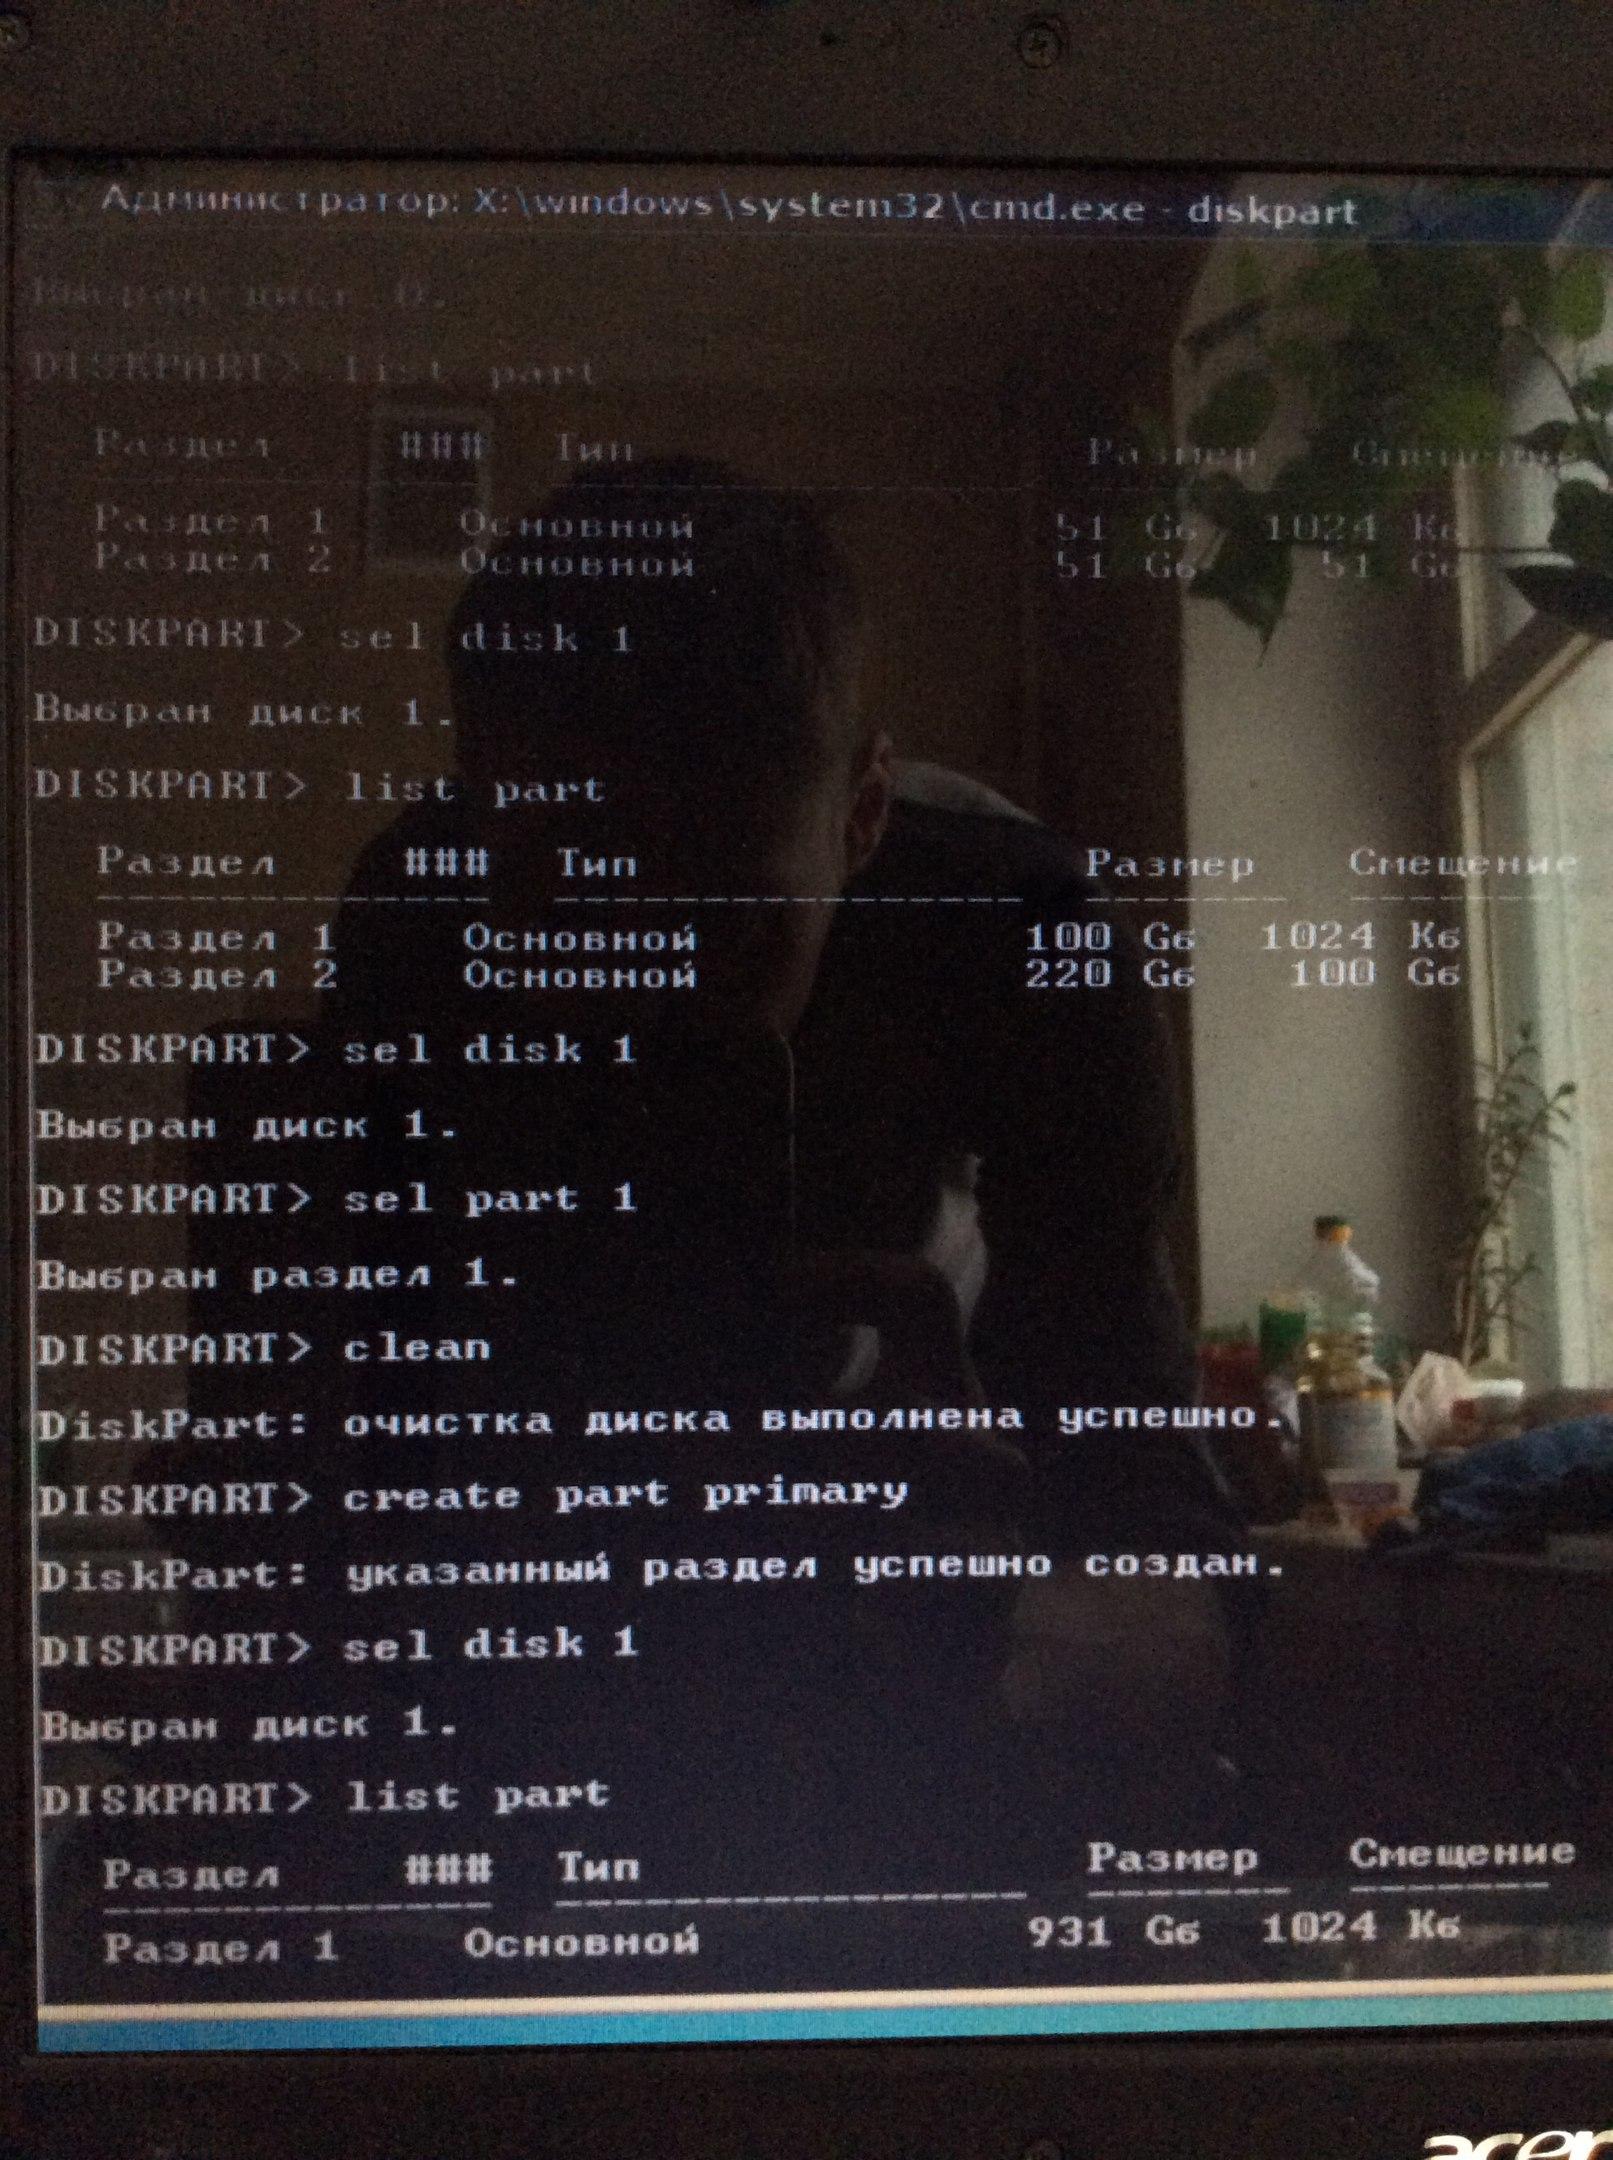 Скрытые разделы ноутбуков Acer